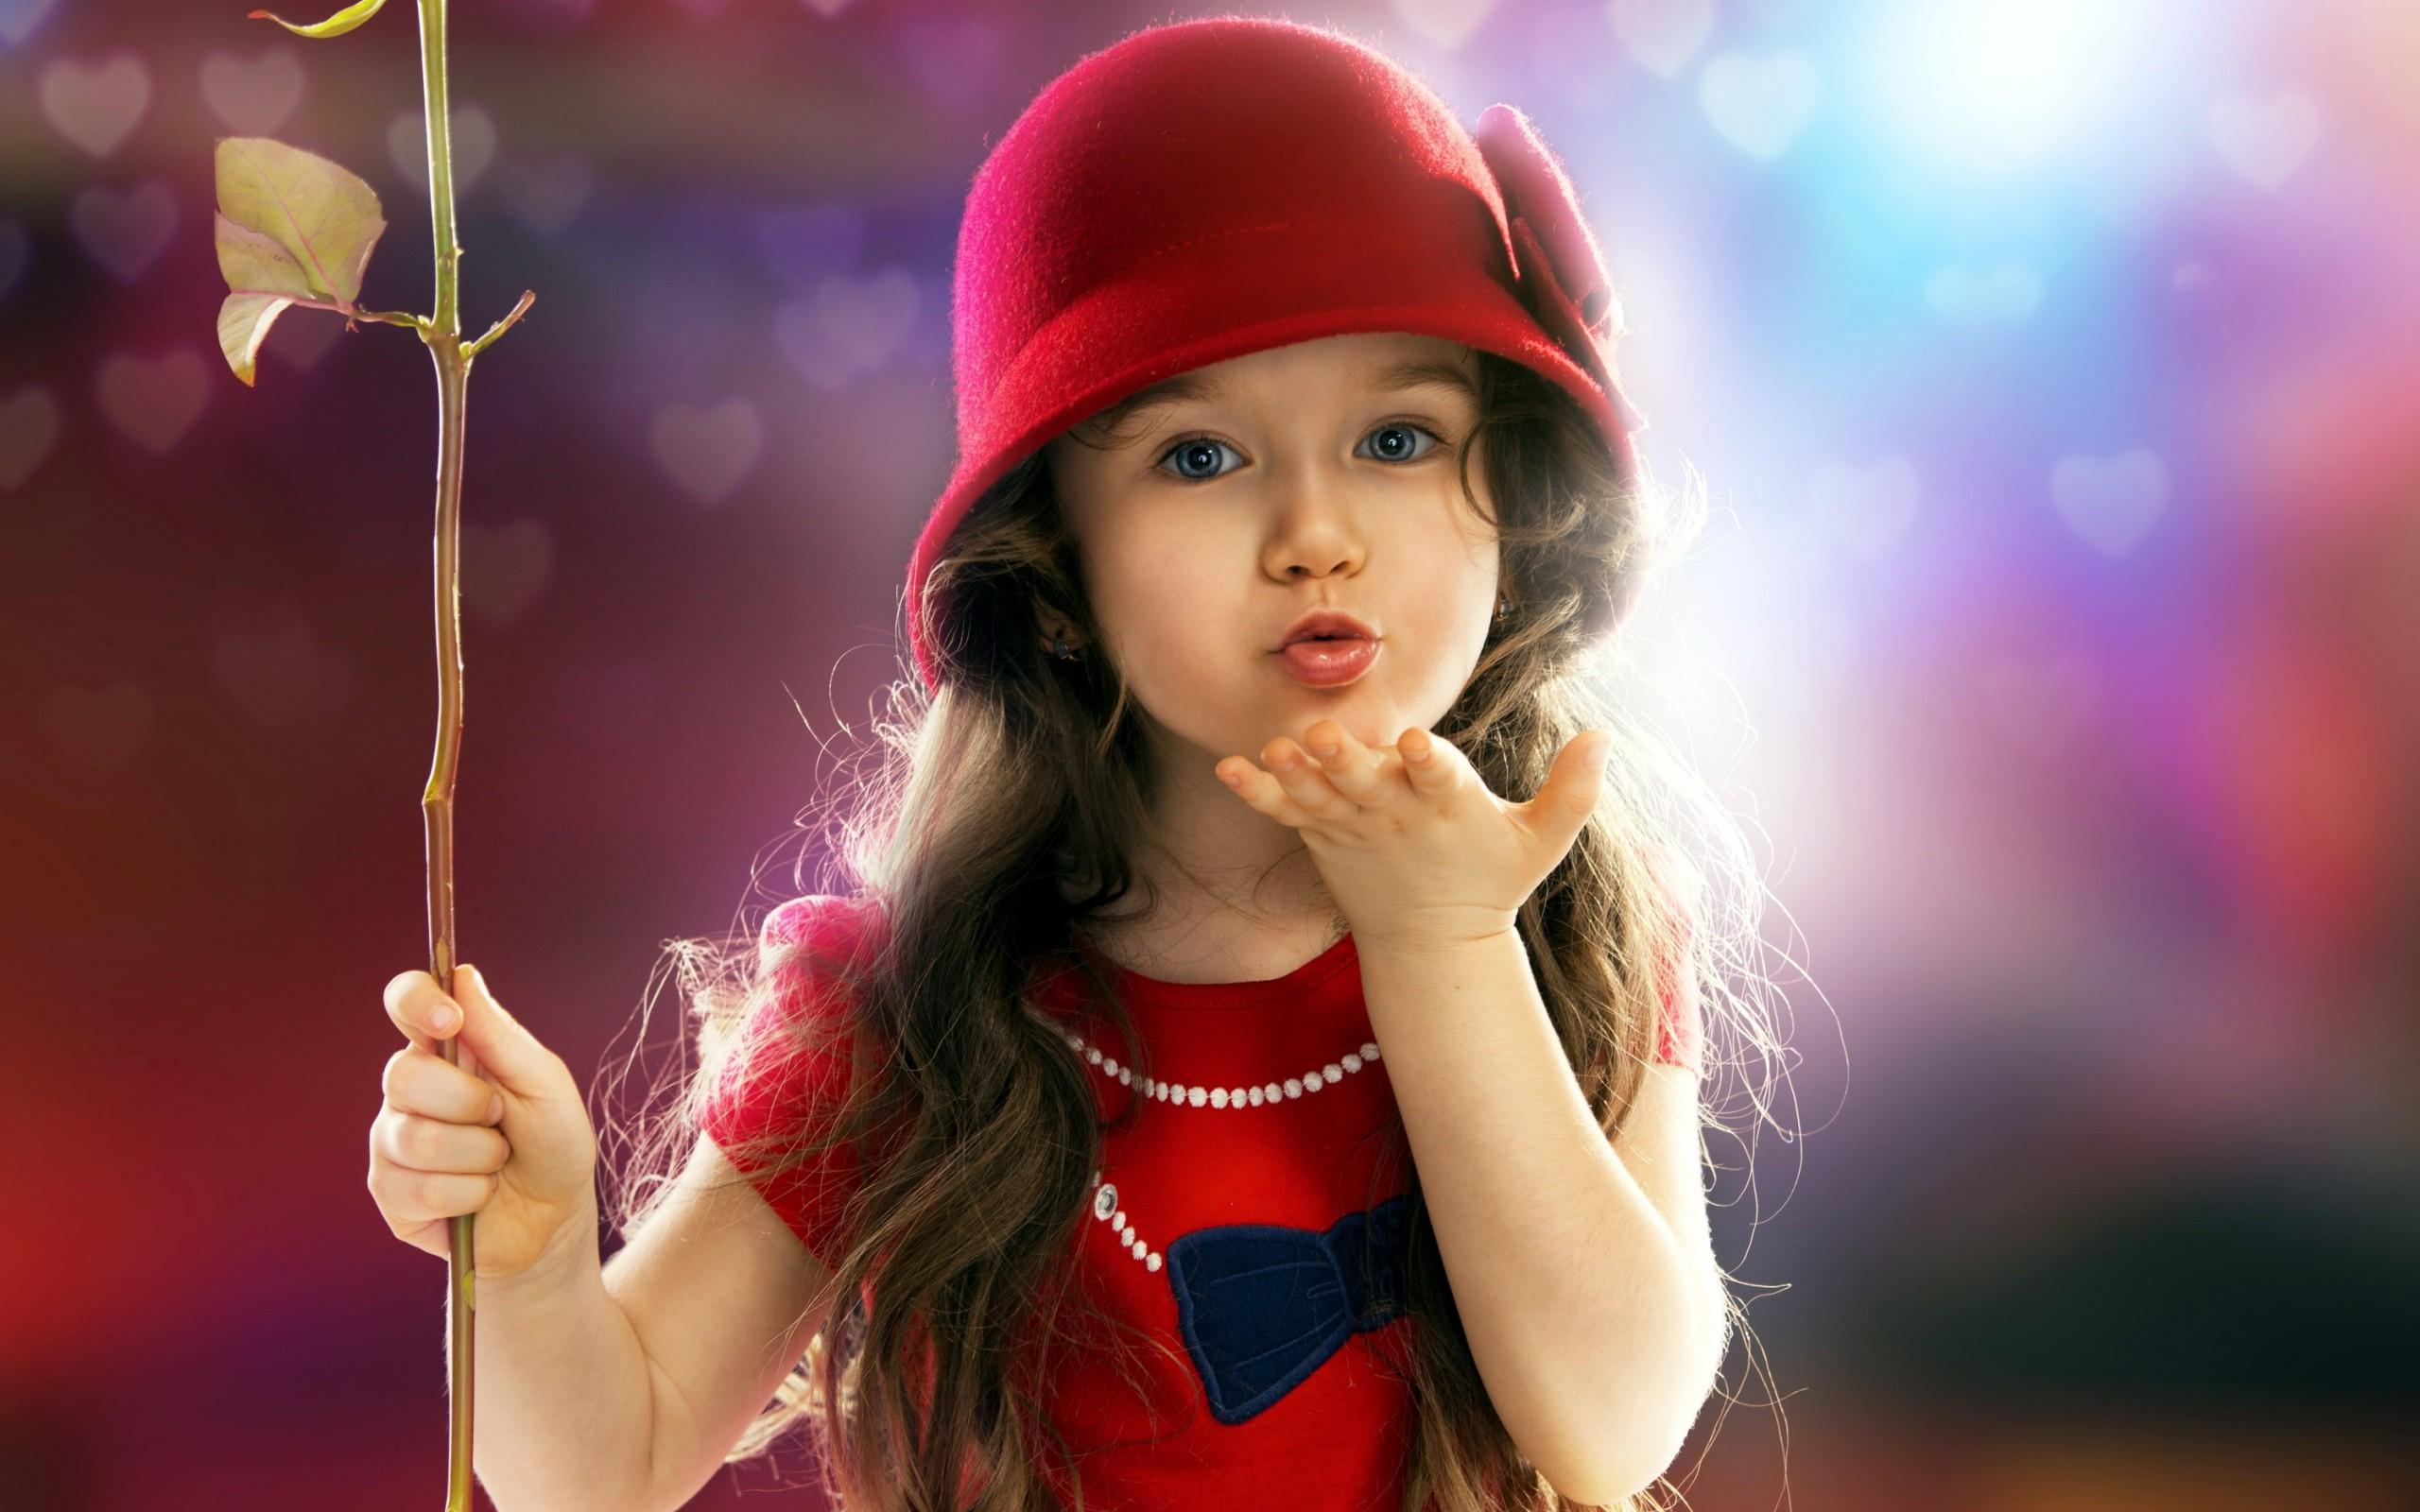 cute little girls wallpapers - sf wallpaper